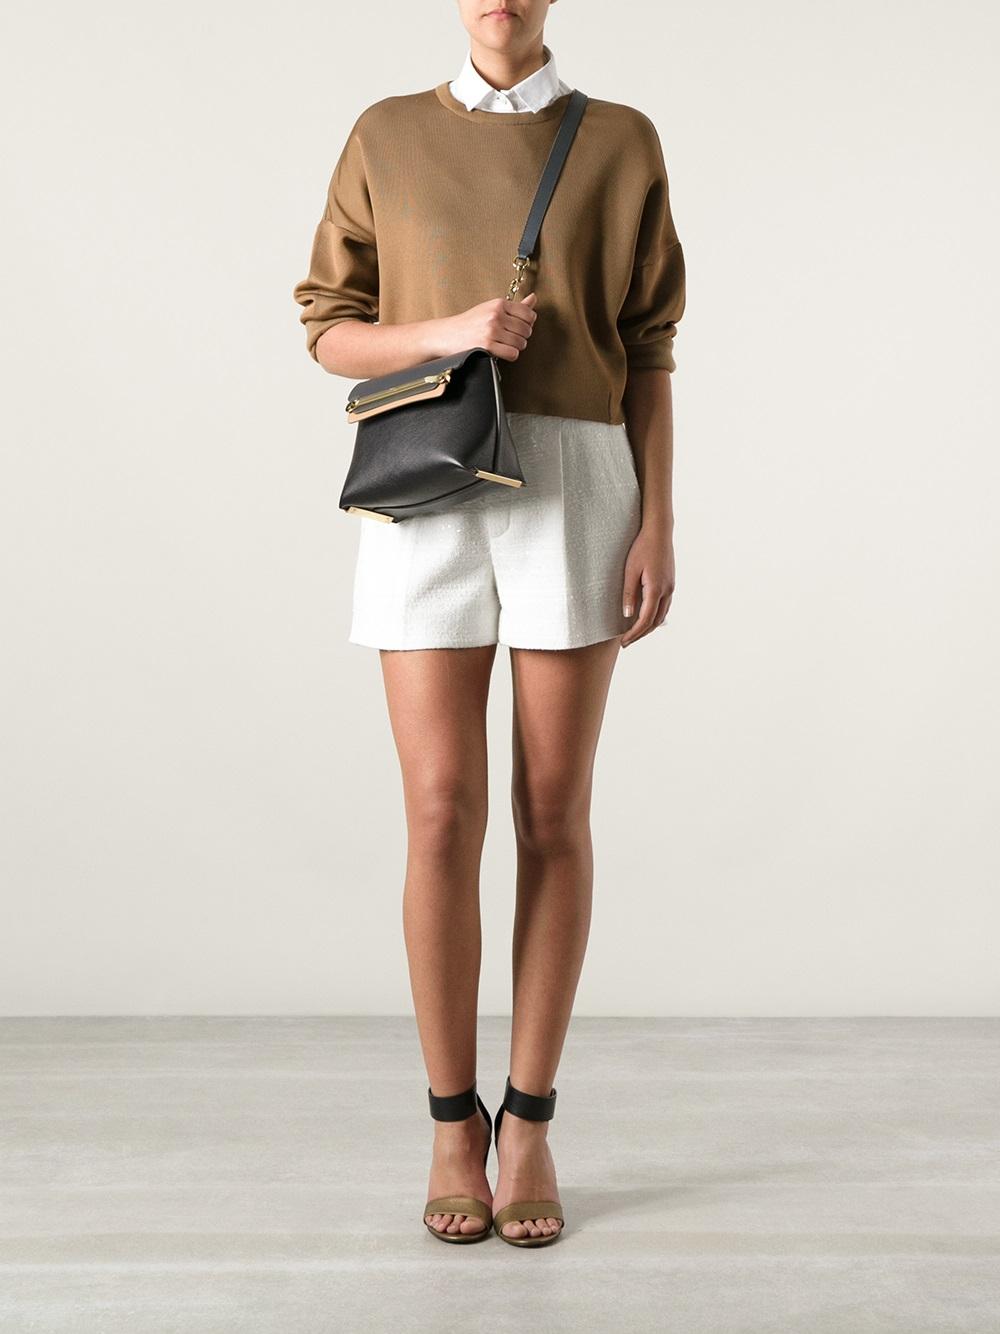 Chlo¨¦ Small \u0026#39;Clare\u0026#39; Shoulder Bag in Black | Lyst